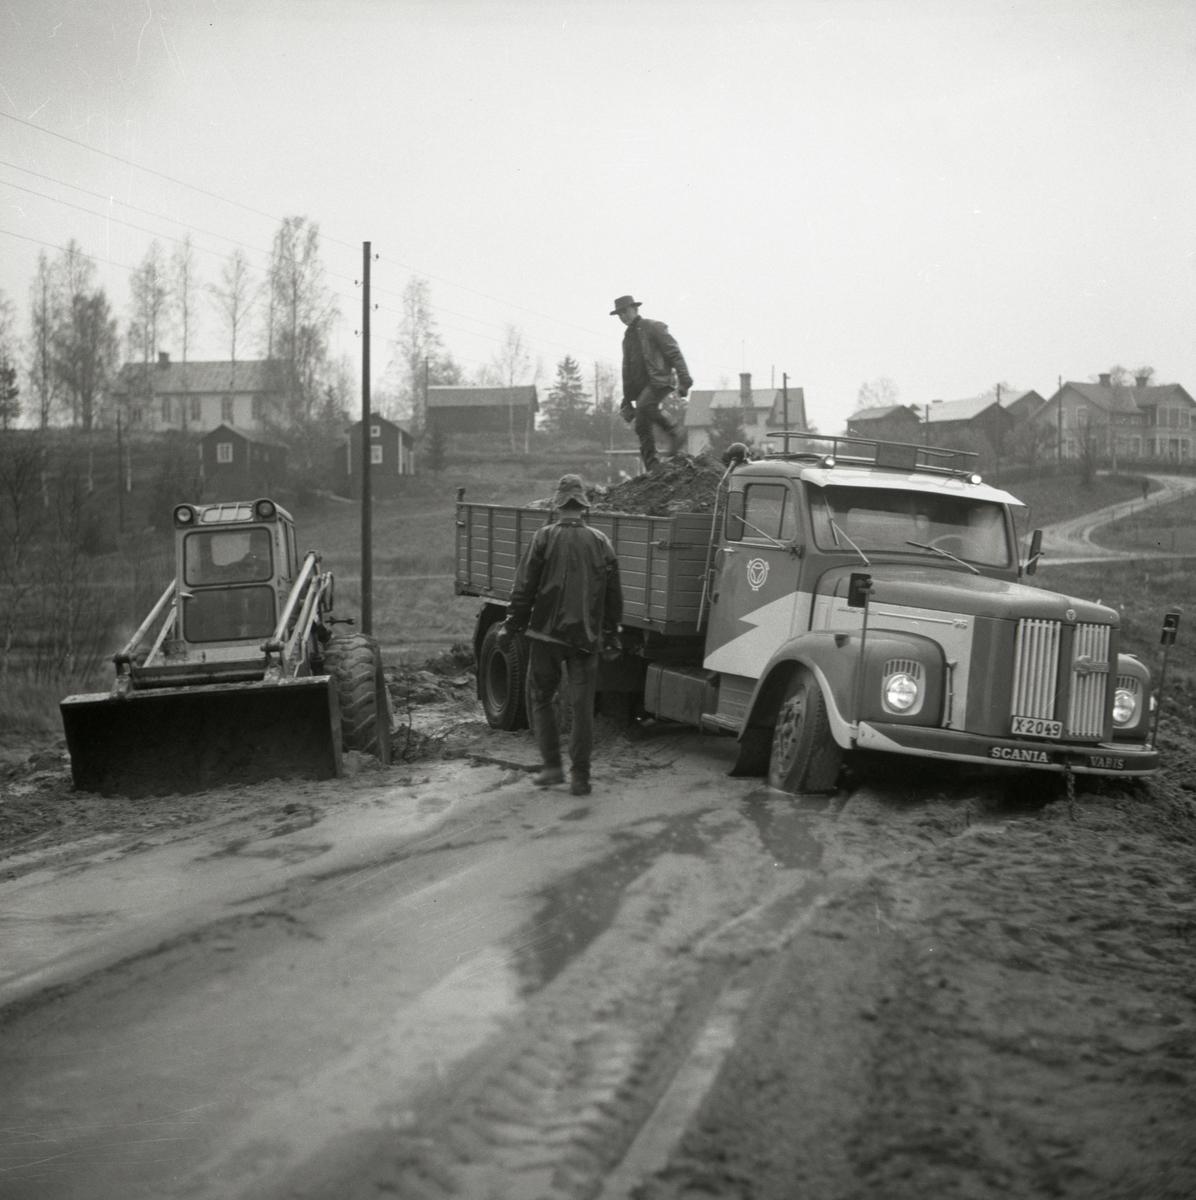 En lastbil har fastnat på en lerig väg och två män bedömer hur man ska få loss lastbilen. Intill vägen står en traktor.